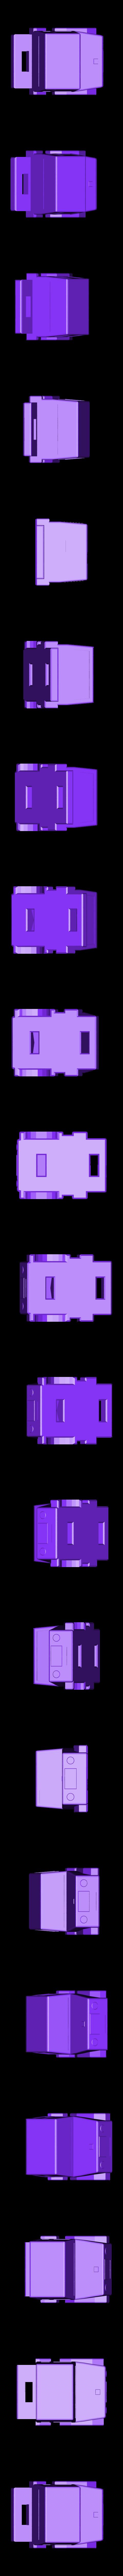 SmallToys-TruckBody1.stl Download STL file SmallToys - Starter Pack • 3D printer model, Wabby